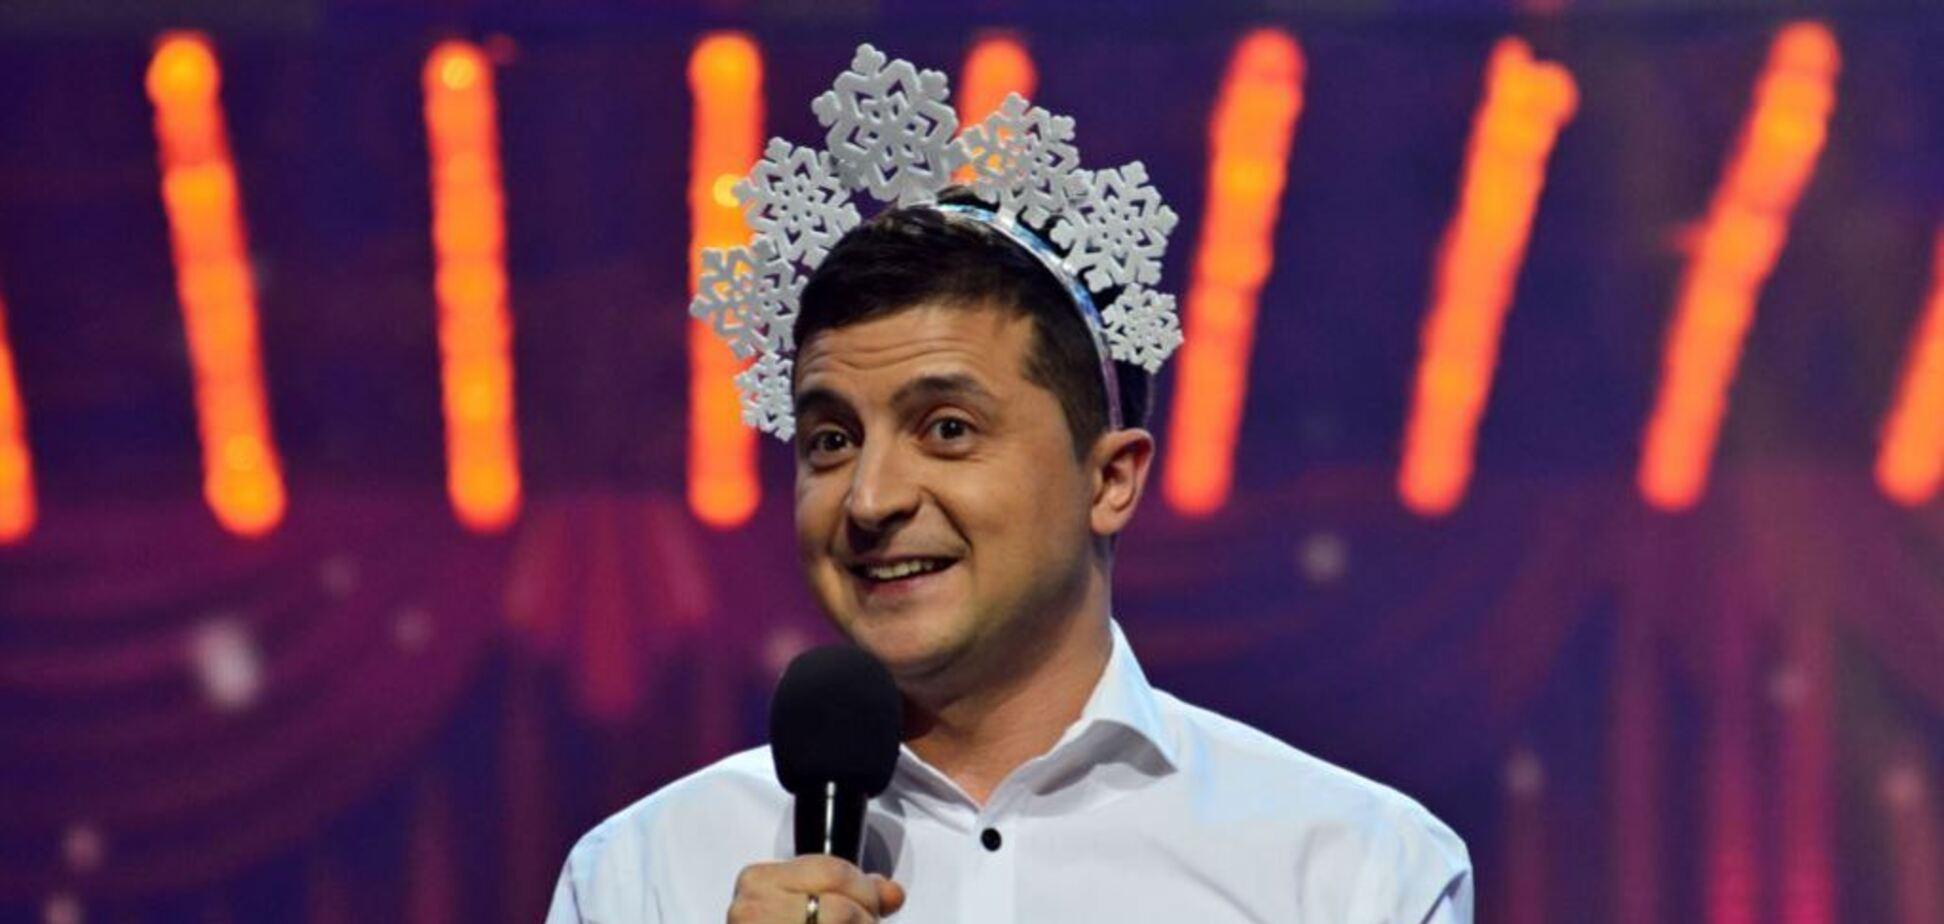 Зеленський сказав, де святкуватиме Новий рік - новини України